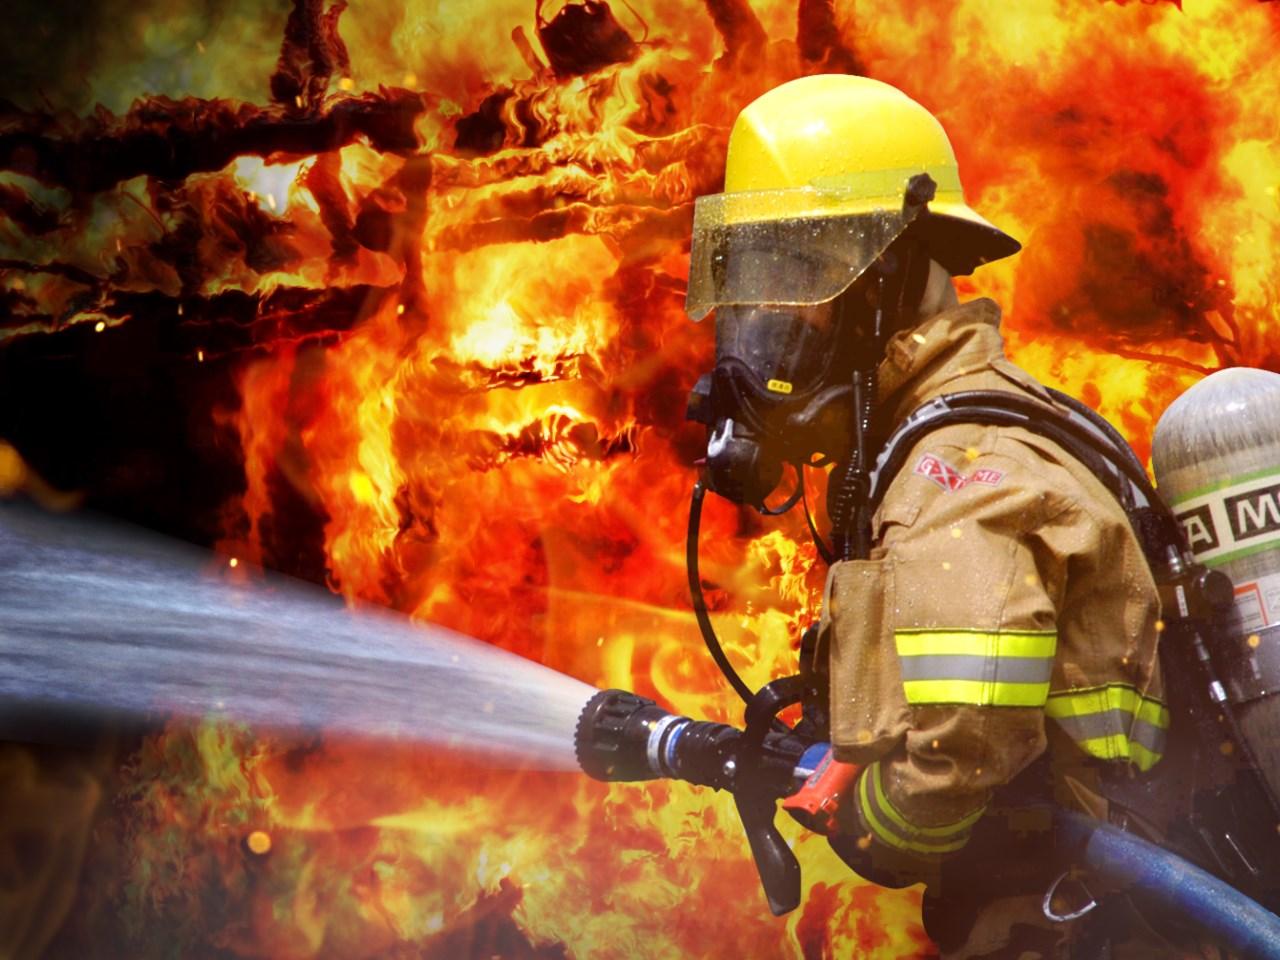 Fire generic_1529986266113.jpg.jpg